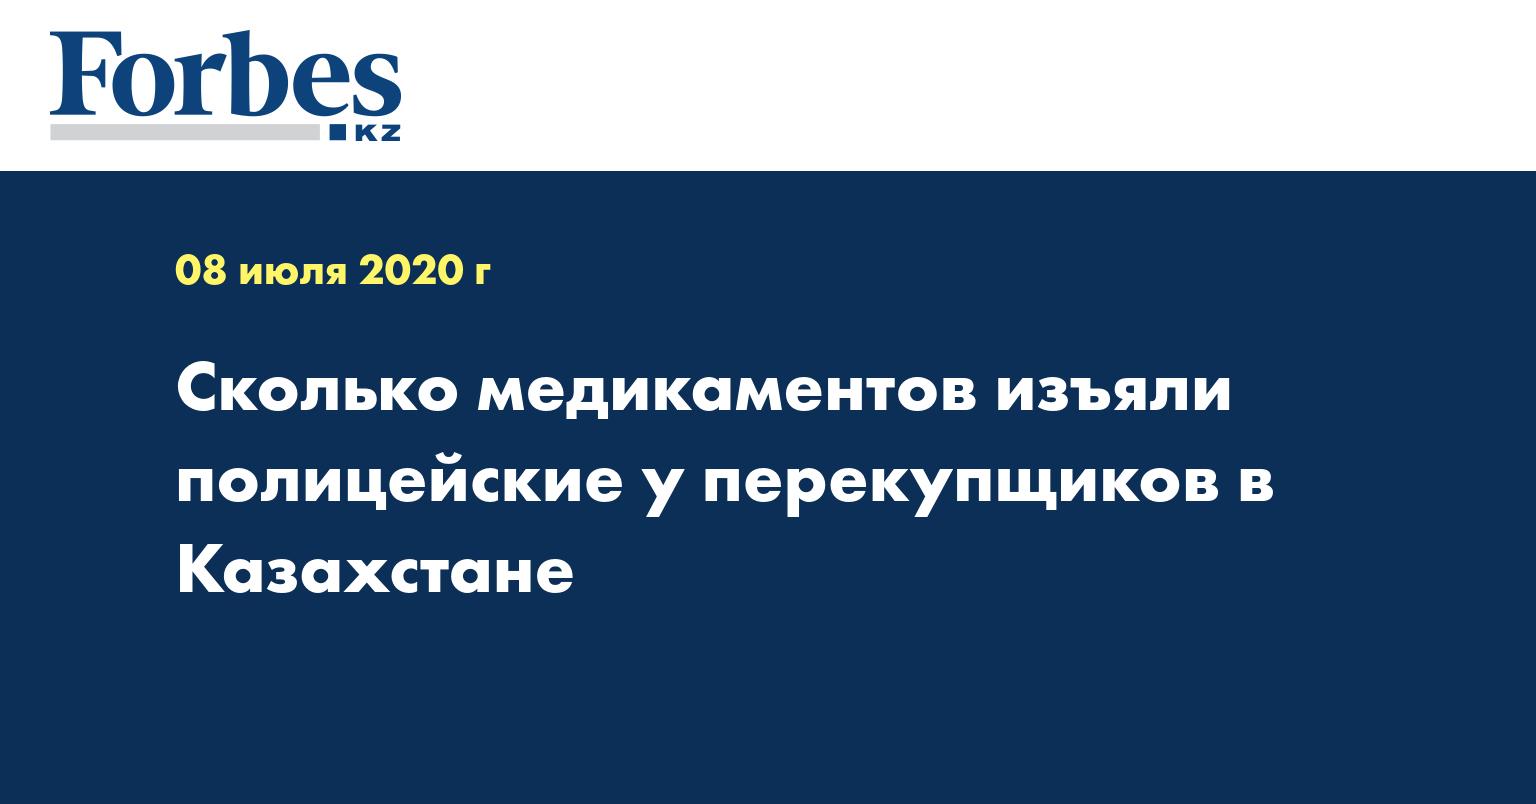 Сколько медикаментов изъяли полицейские у перекупщиков в Казахстане